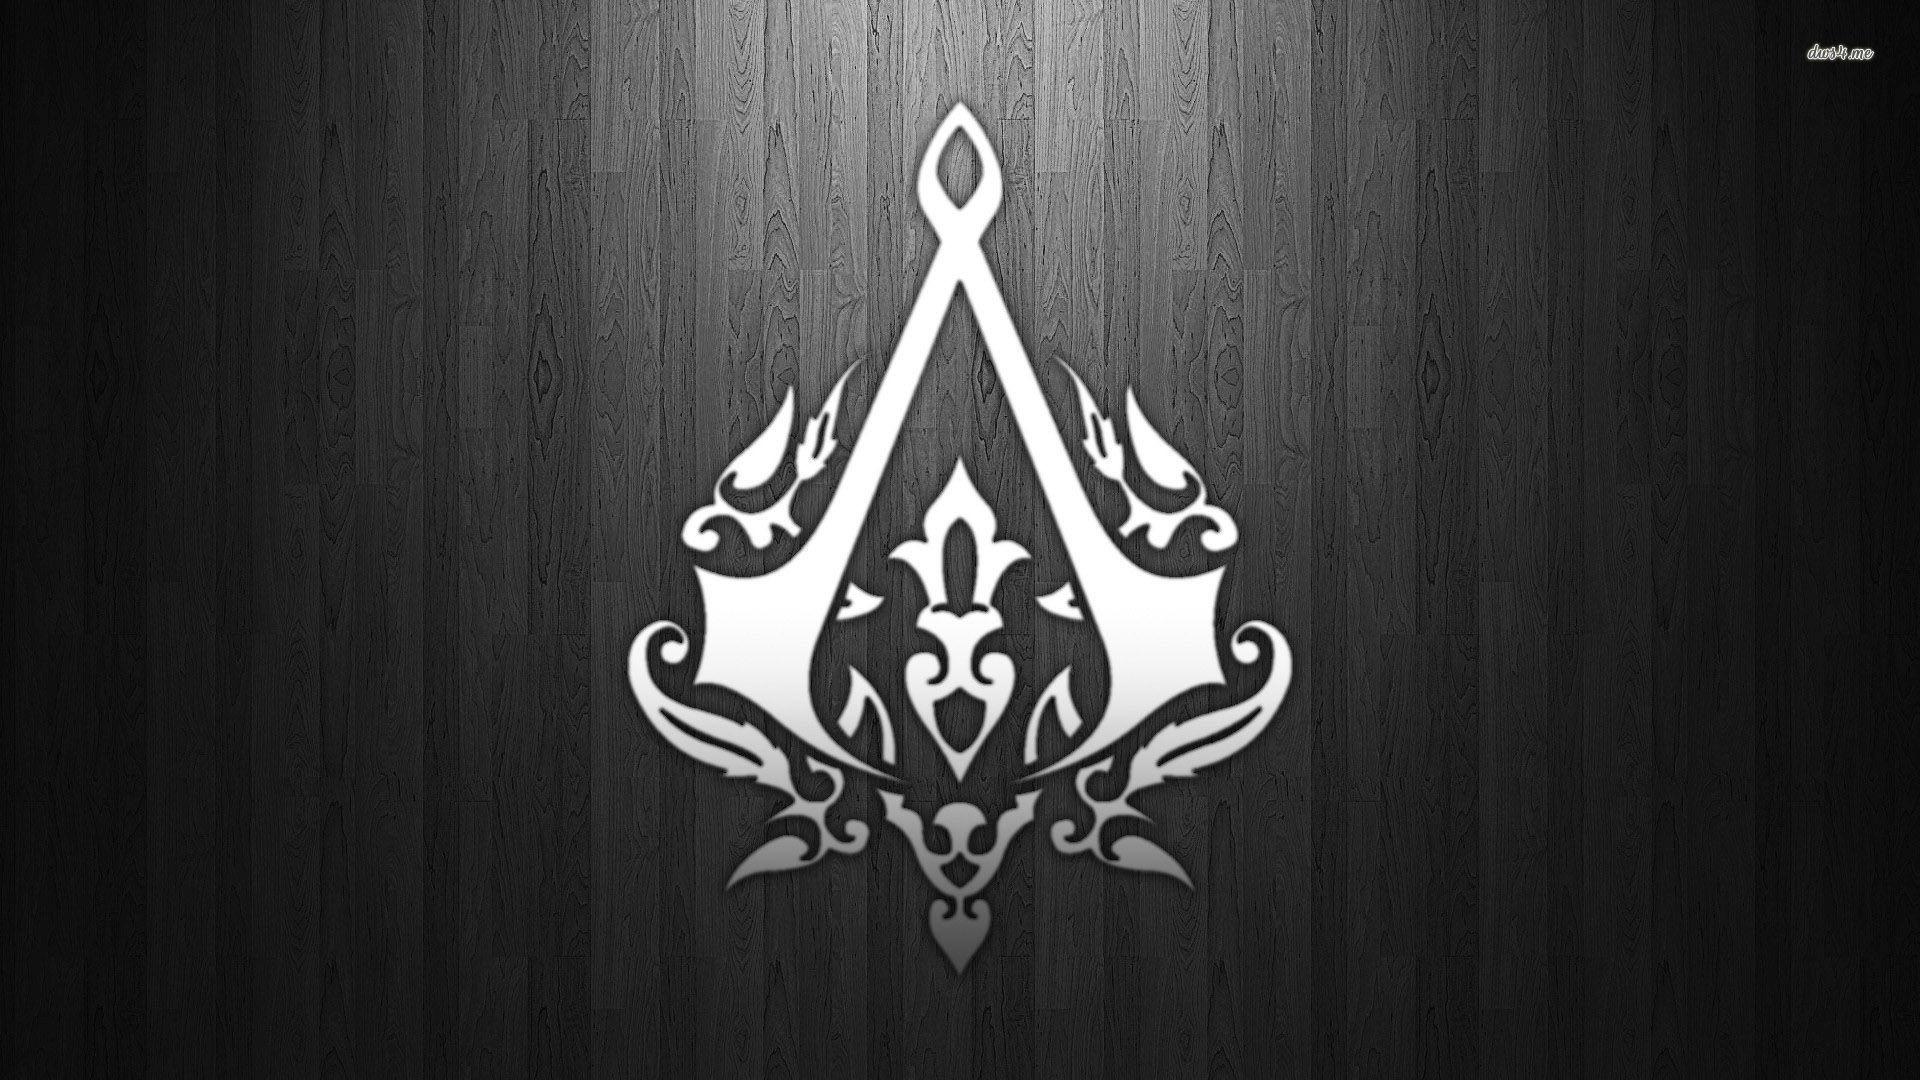 Assassin's Creed Logo wallpaper – 1204205